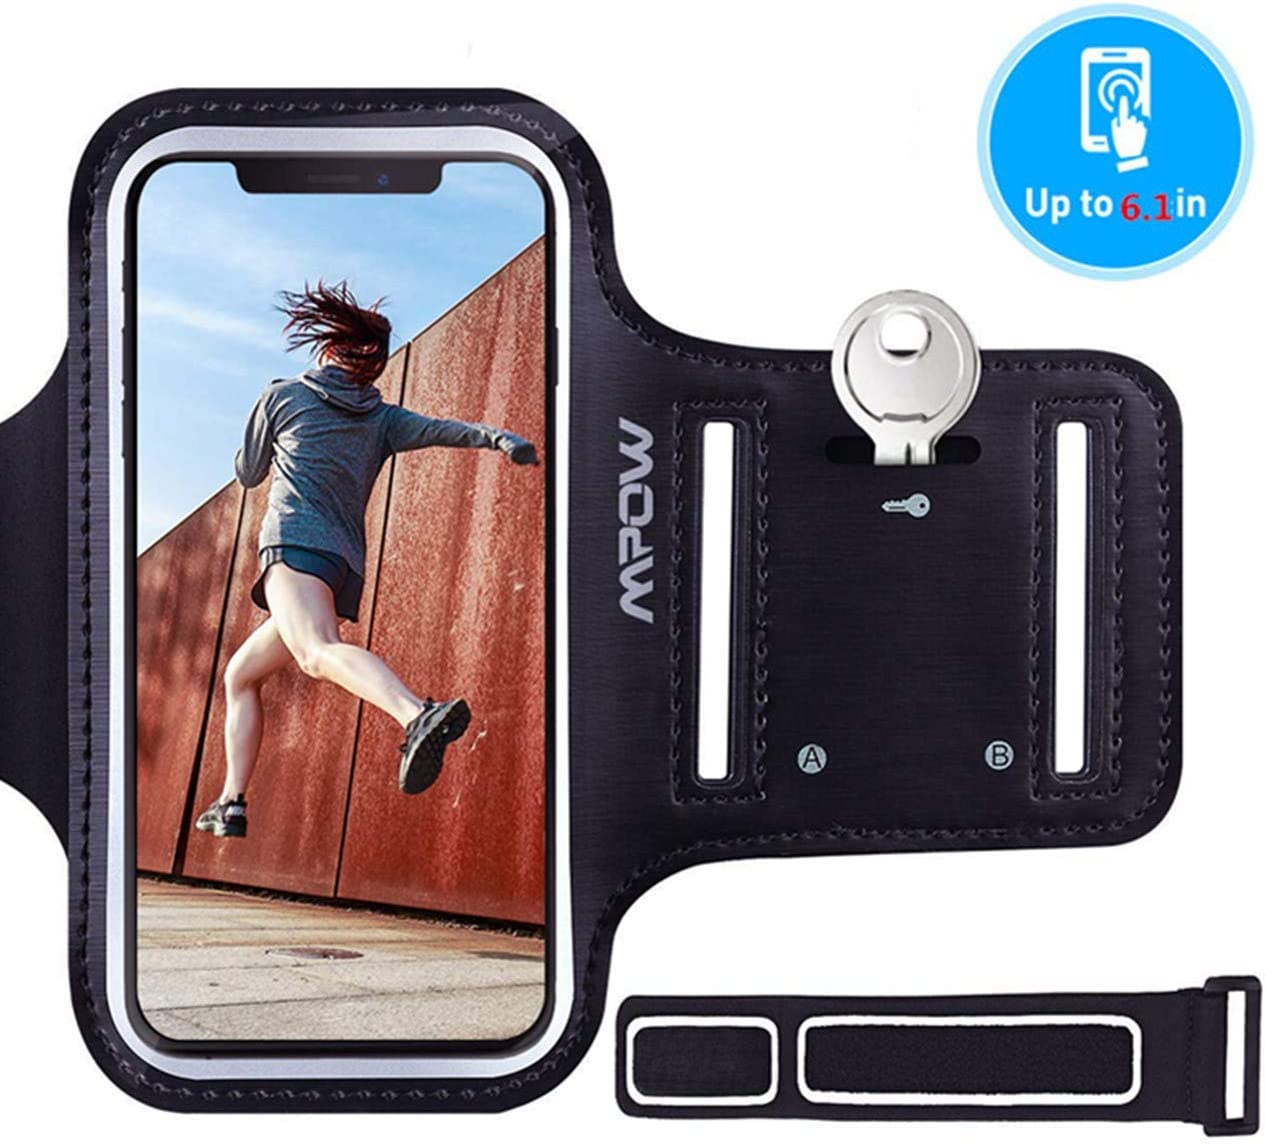 Mpow Brazalete Deportivo para Corre.Soporte para Llaves, cables y tarjetas,Antideslizante Contra Sudor,Brazalete Movil para iPhone 11/XR/XS/ X/ 8/7/6,LG hasta 6.1 pulgas